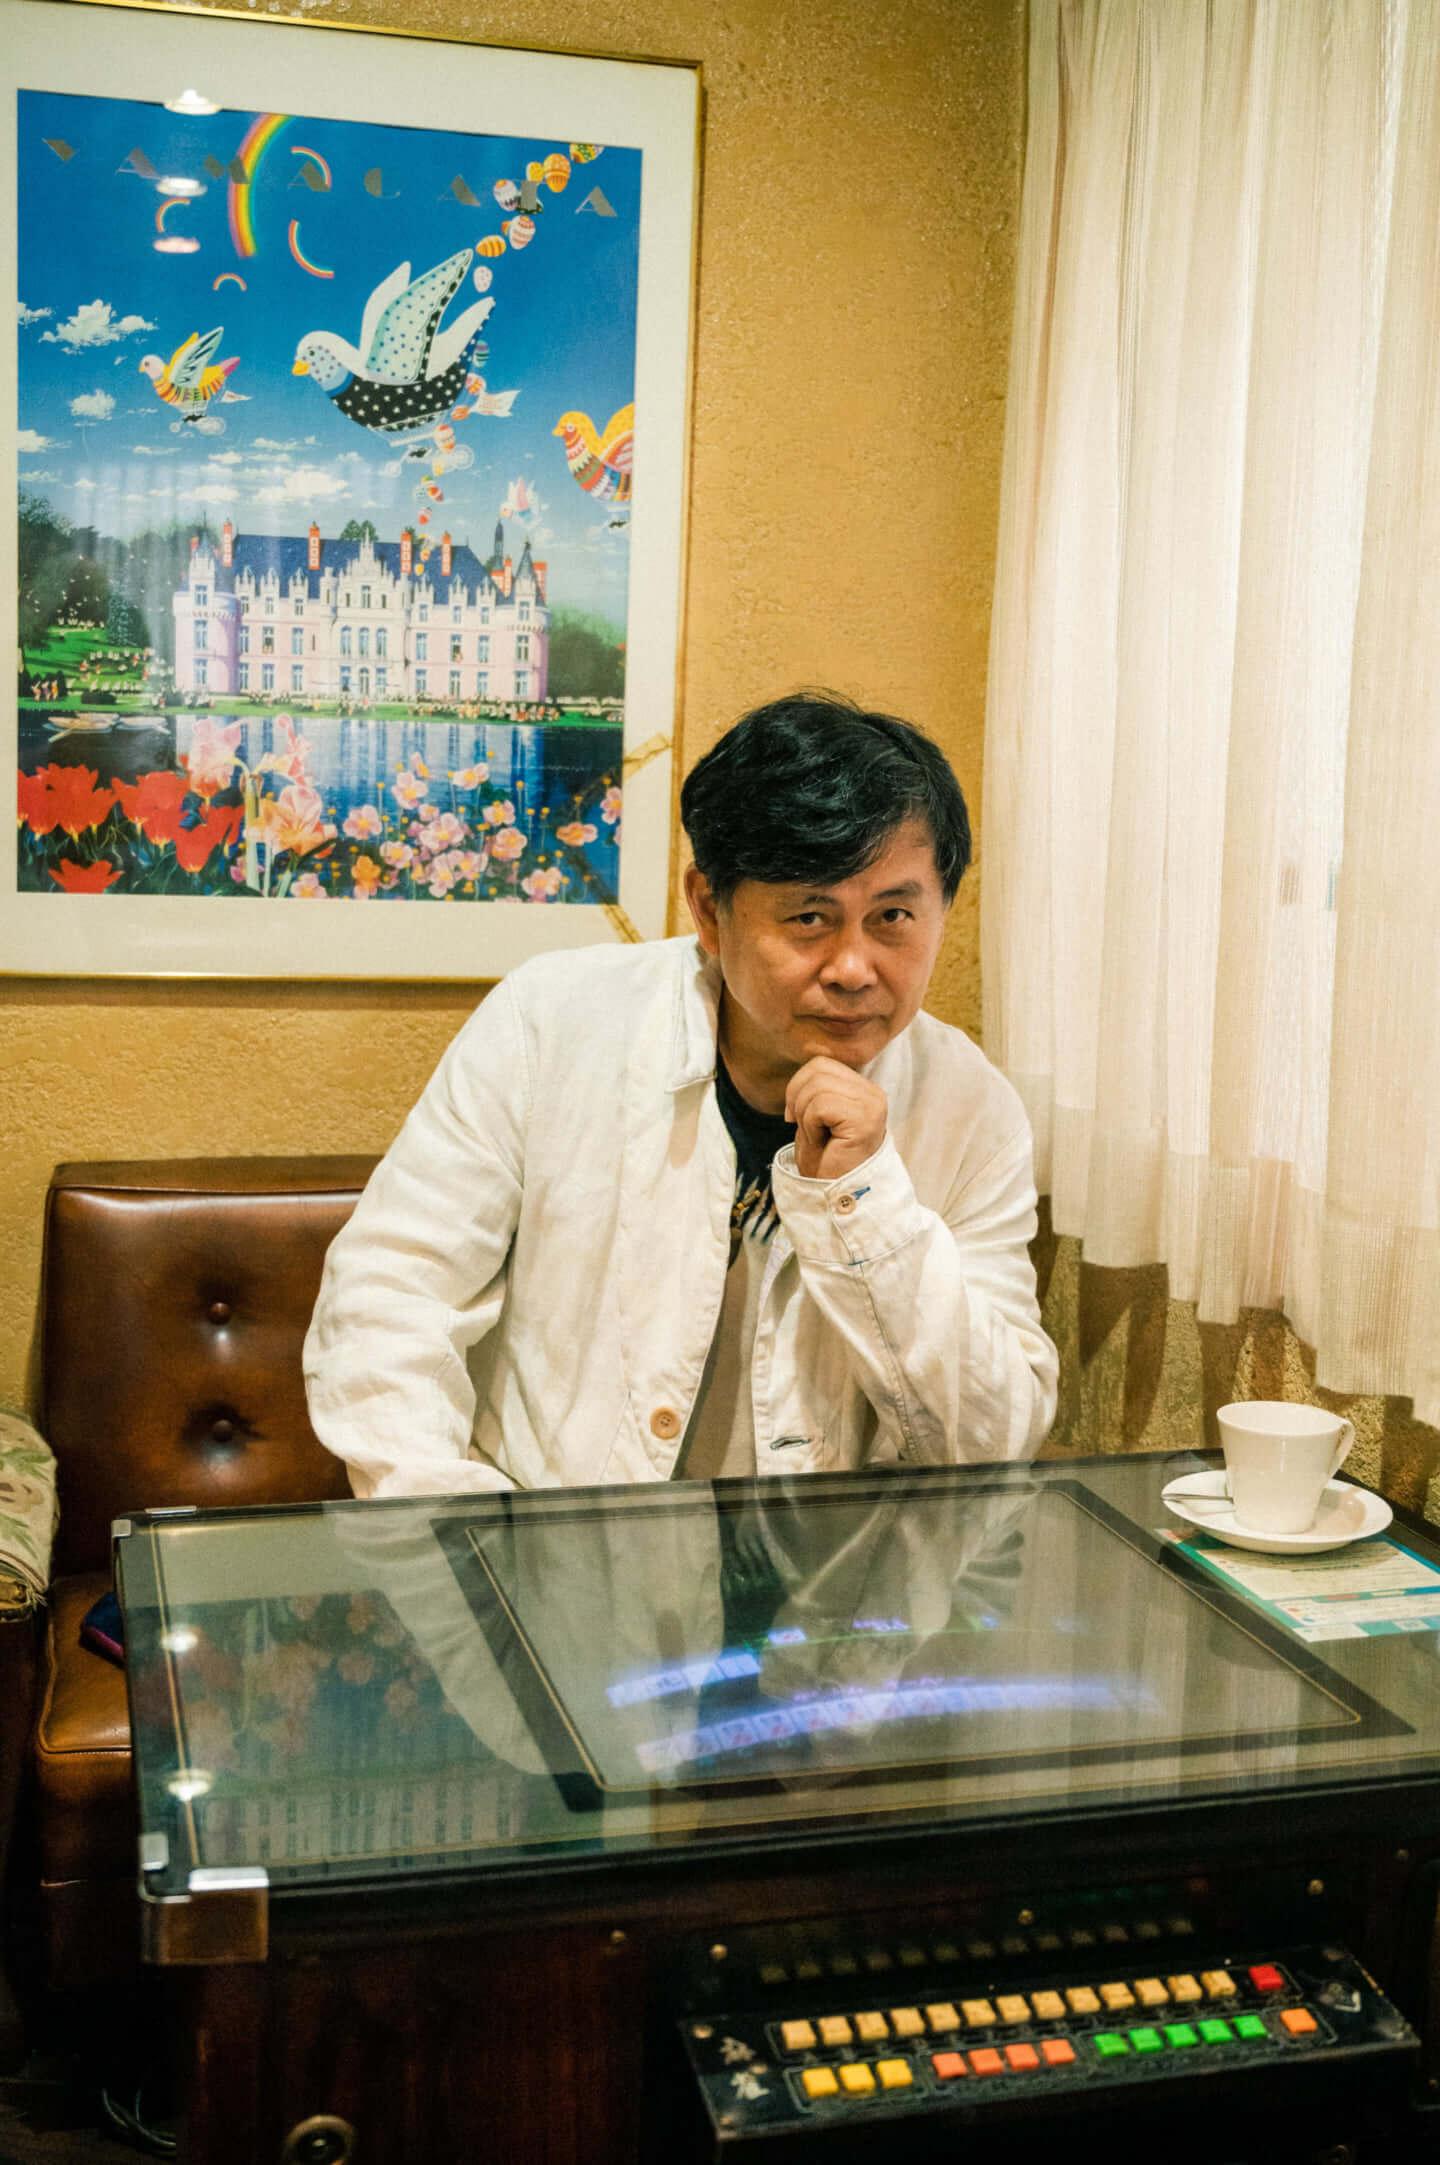 ヒカシュー40周年を経て巻上公一が語る「世界をめぐる活動意義」。初フェス熱海未来音楽祭についても! interview190917_hikashu_makigami_61972-fix-1440x2165